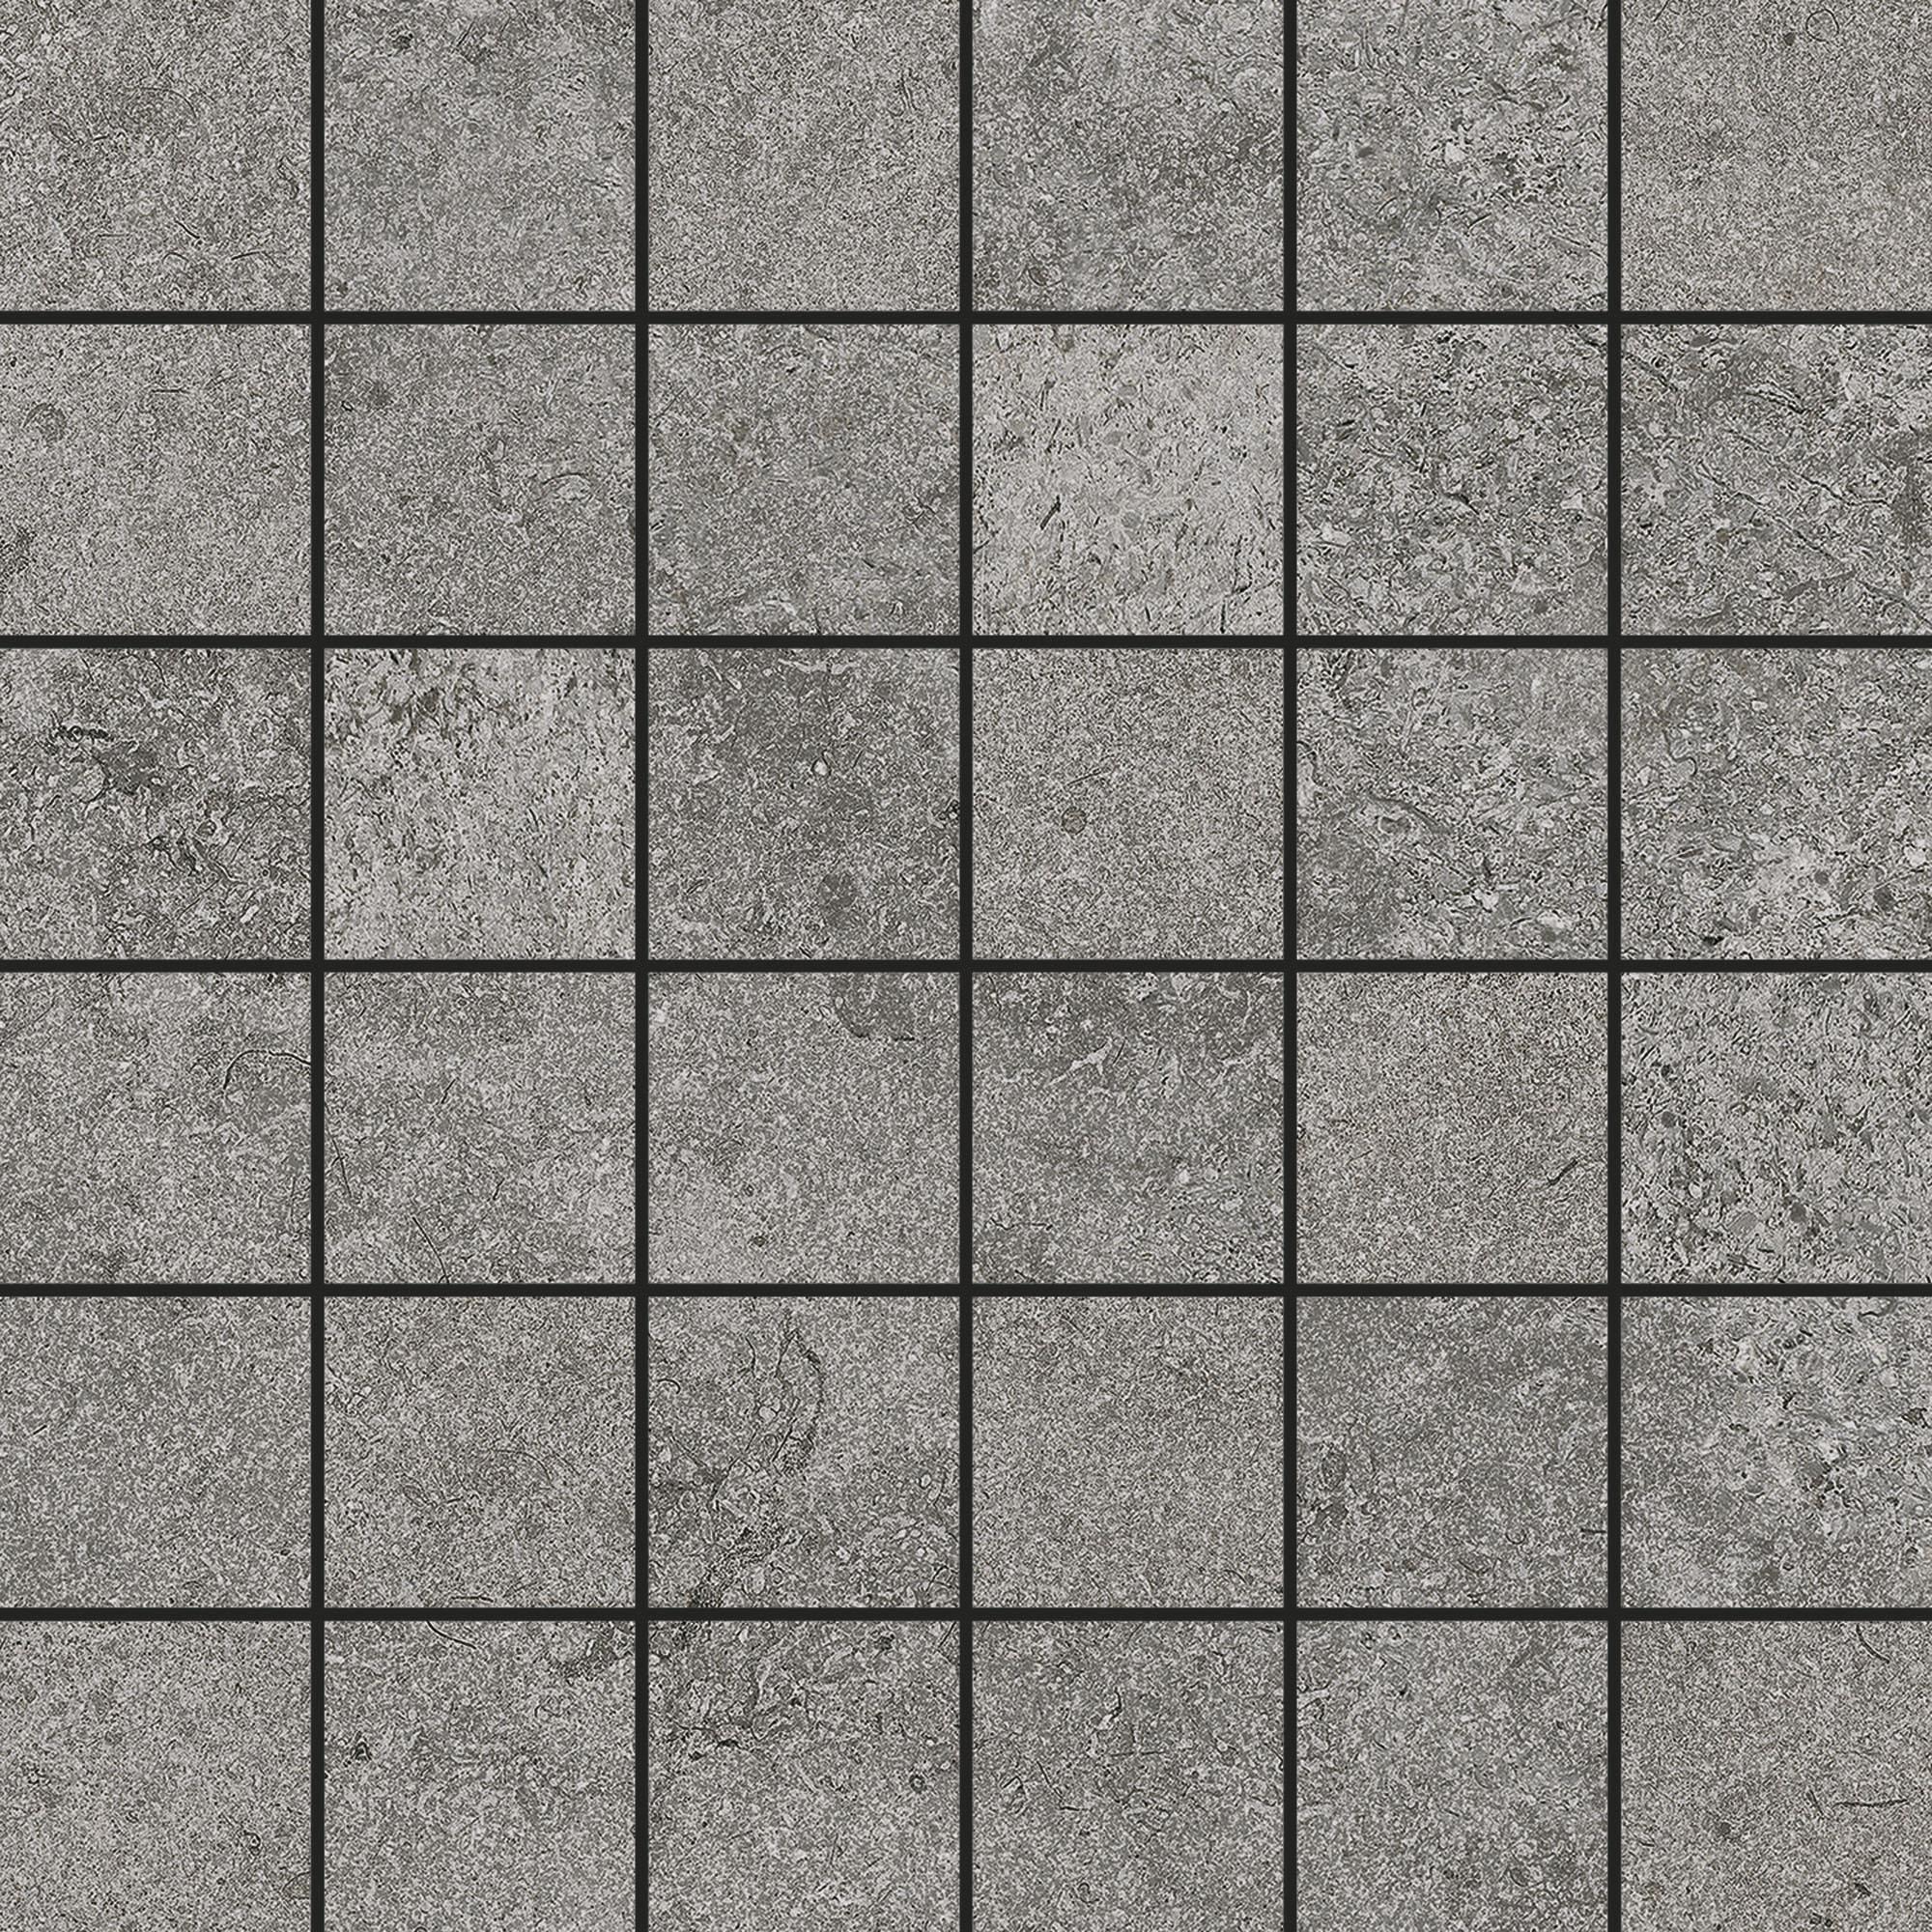 Klinkermosaik Arredo Urban Stone Grey 5x5 cm